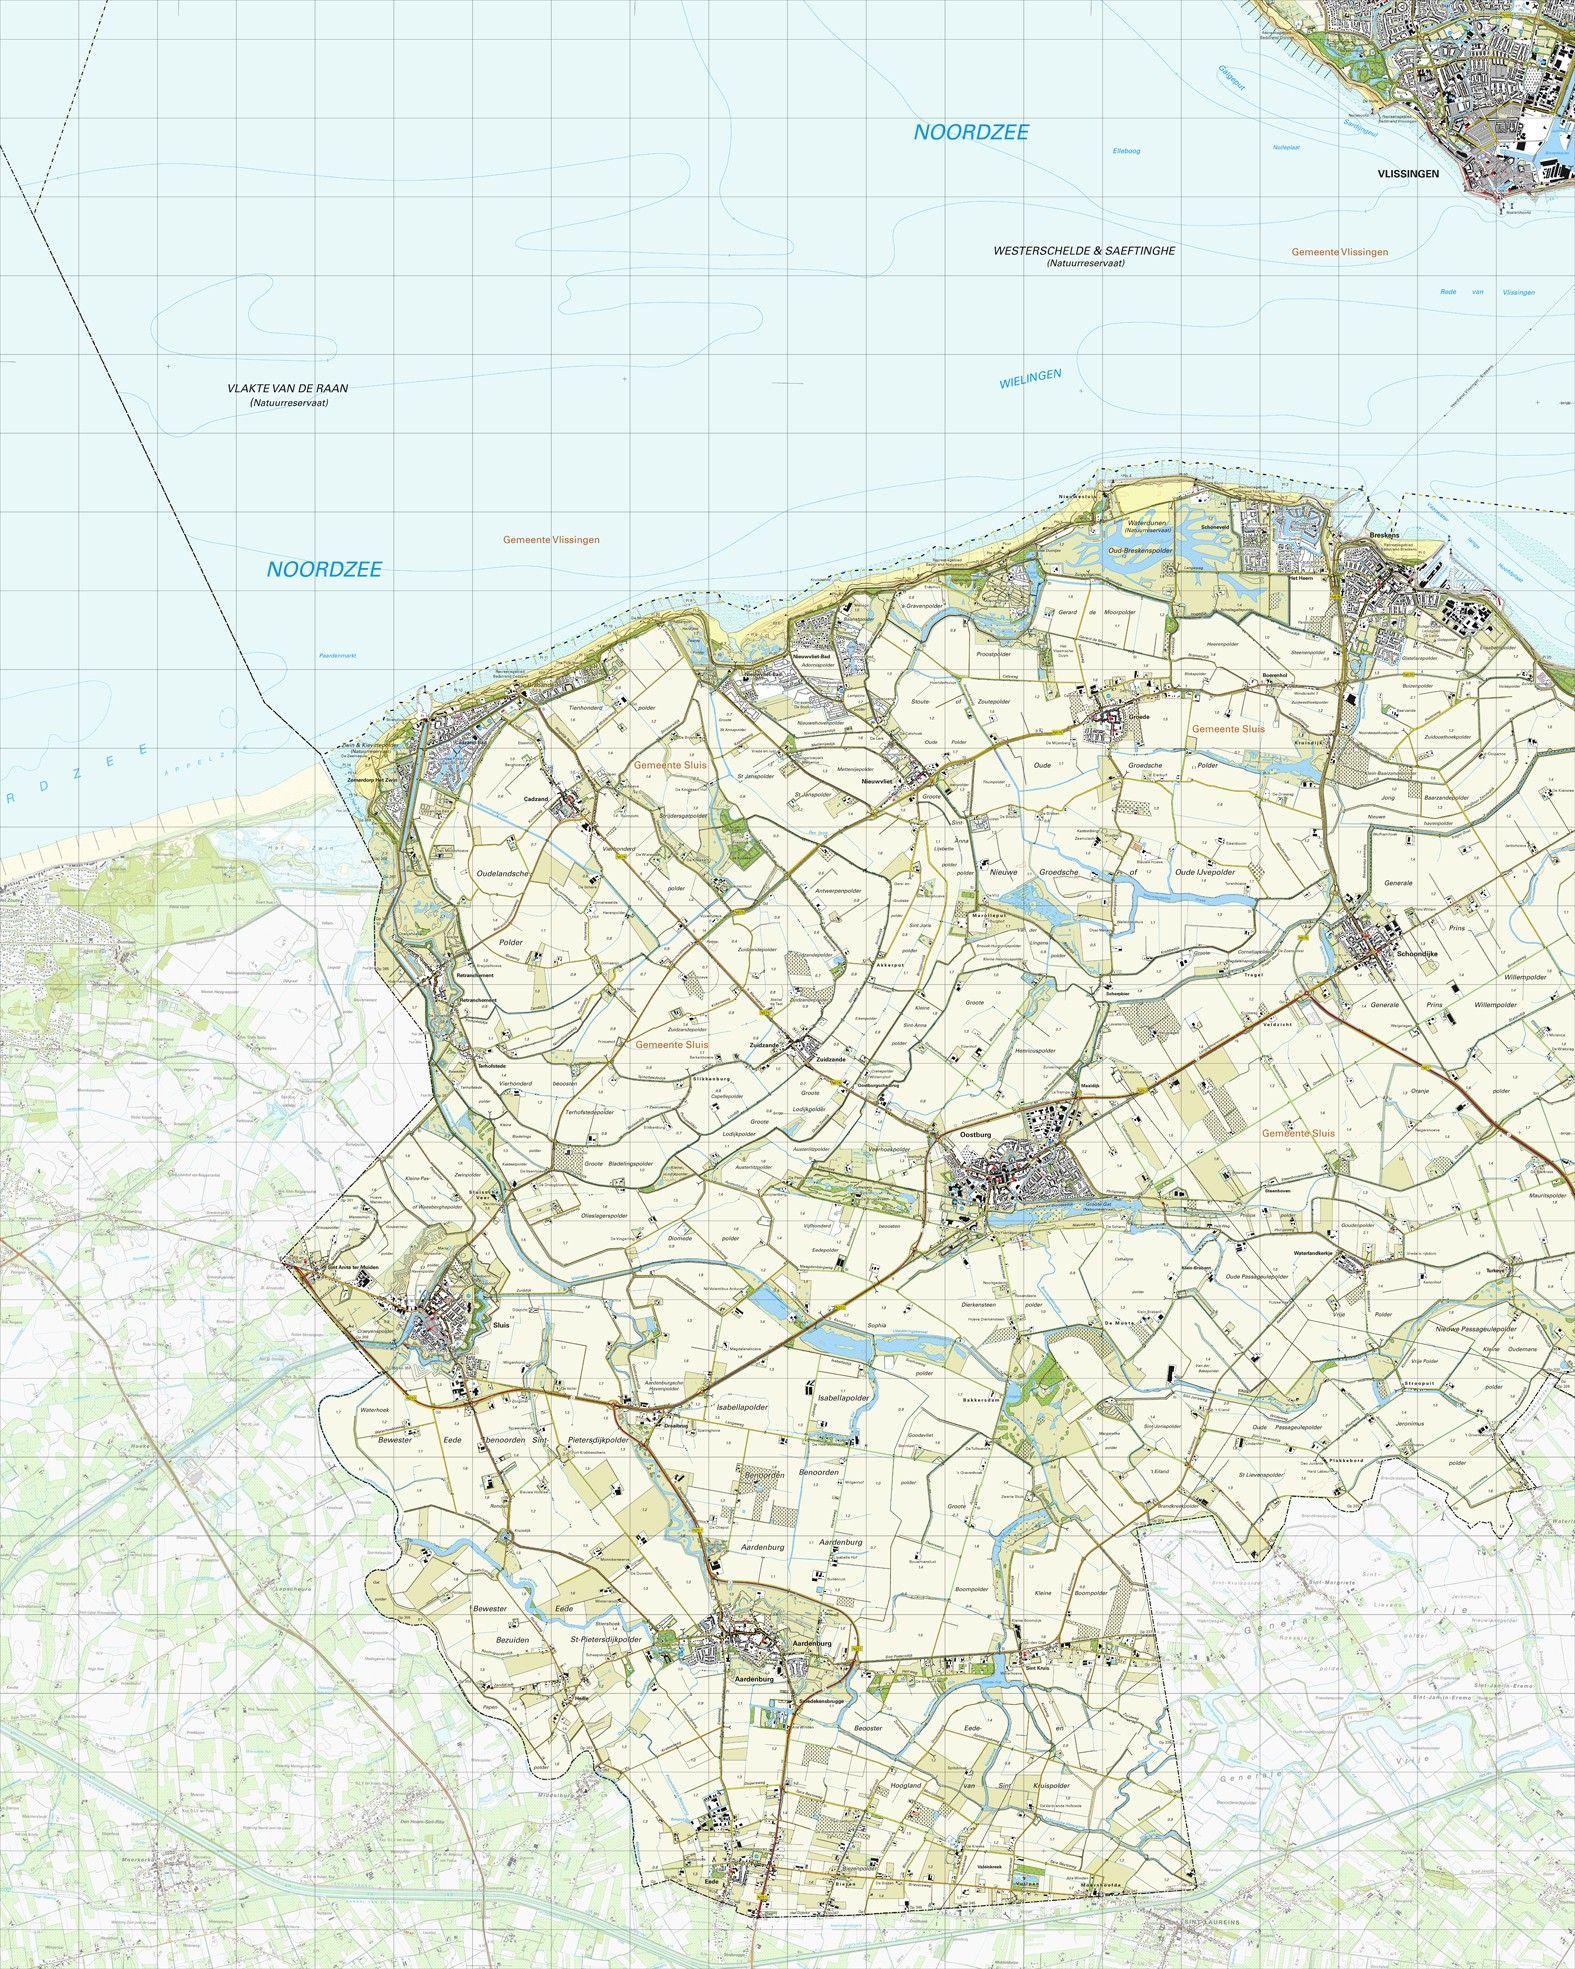 Topografische kaart schaal 1:25.000 (Vlissingen,Breskens, Schoondijke, Oostburg, Aardenburg, Sluis)